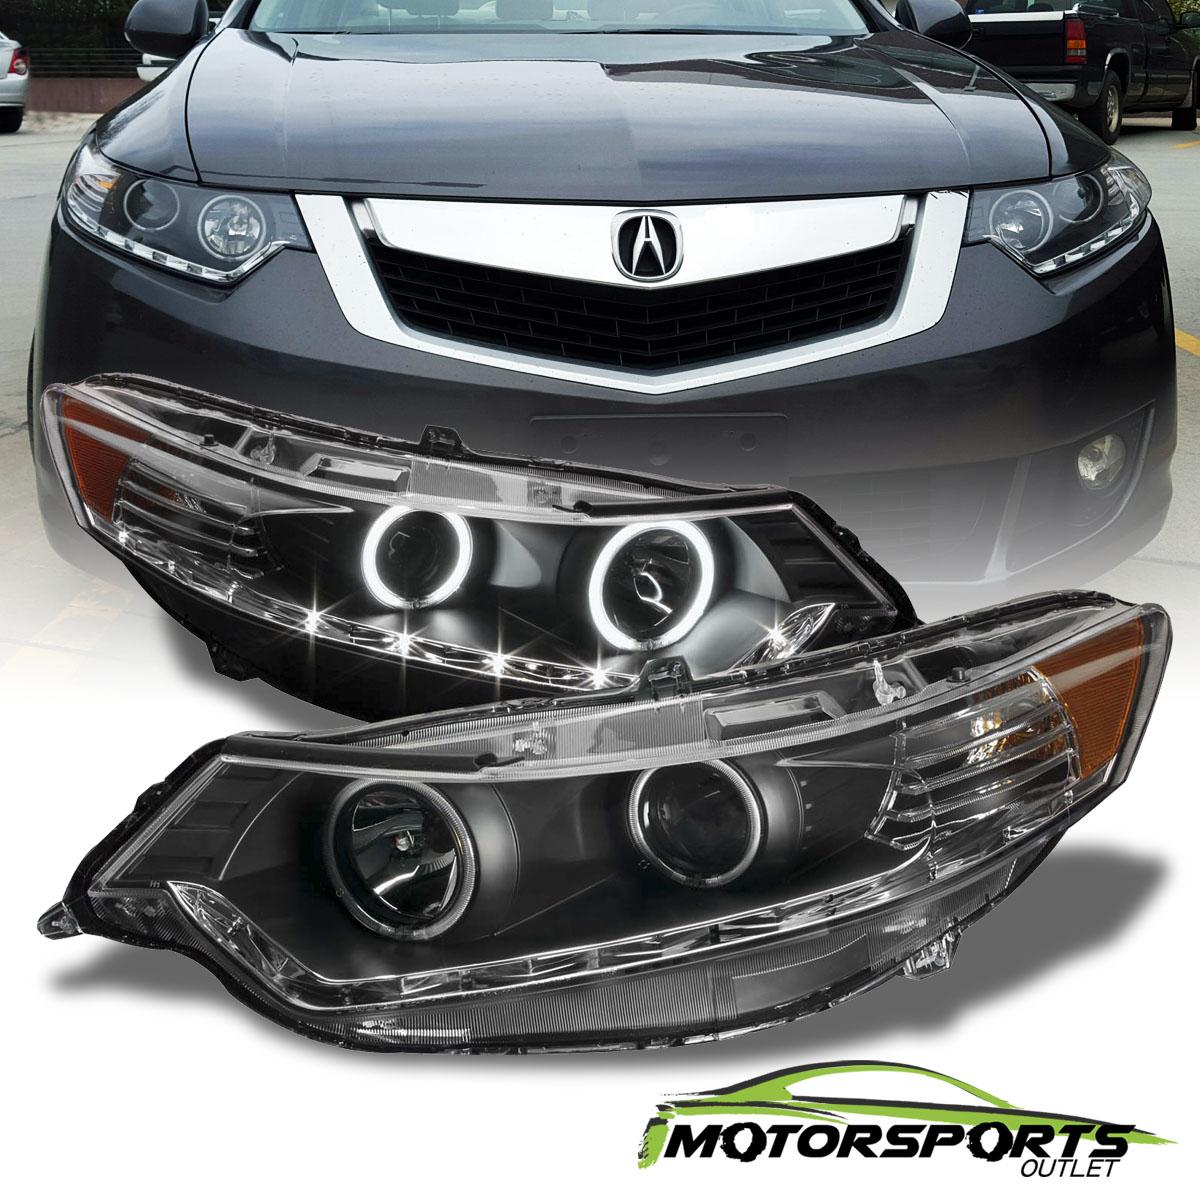 [Dual CCFL Halo]2009 2010 2011 2012 2013 2014 Acura TSX